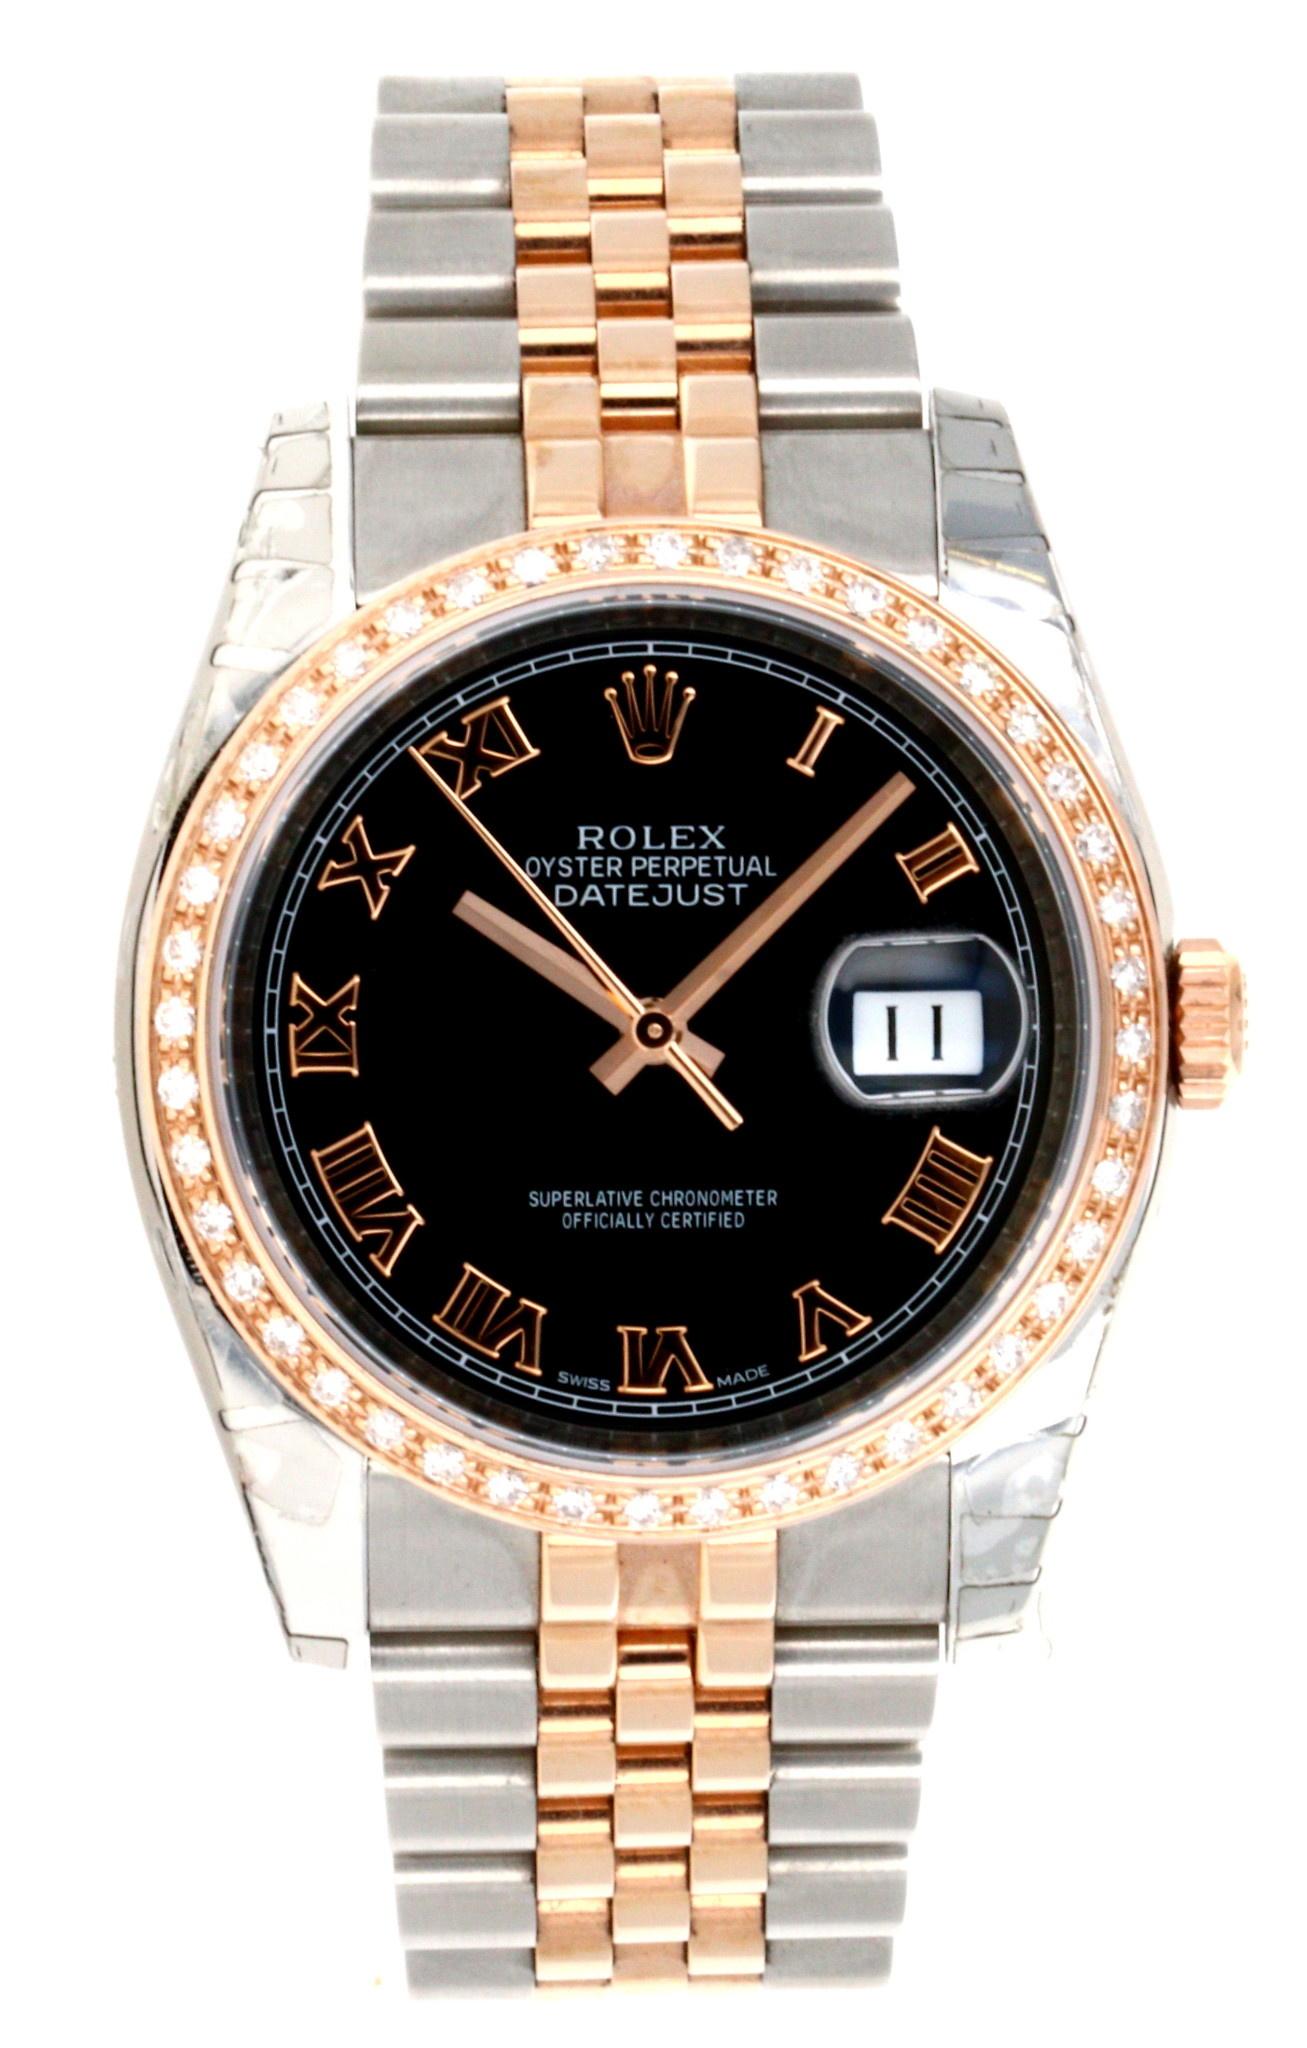 Luxury Watches on Watchfinder